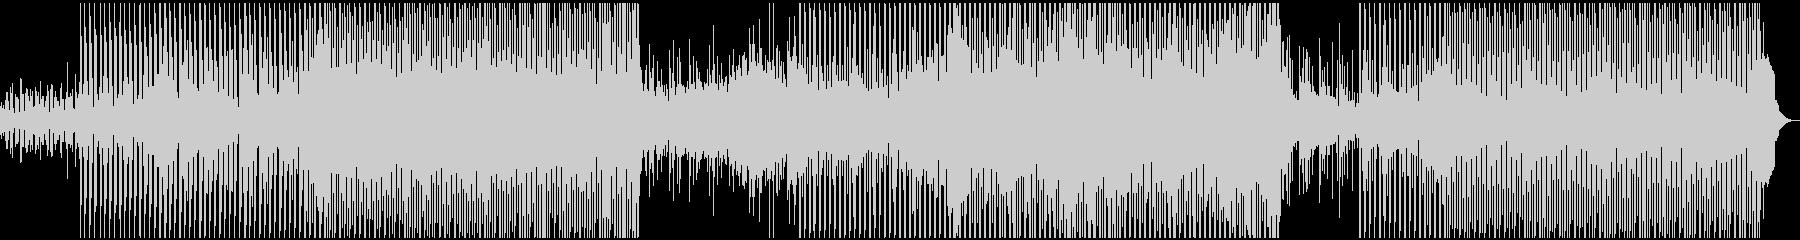 現代の電子サウンドトラックは、特に...の未再生の波形